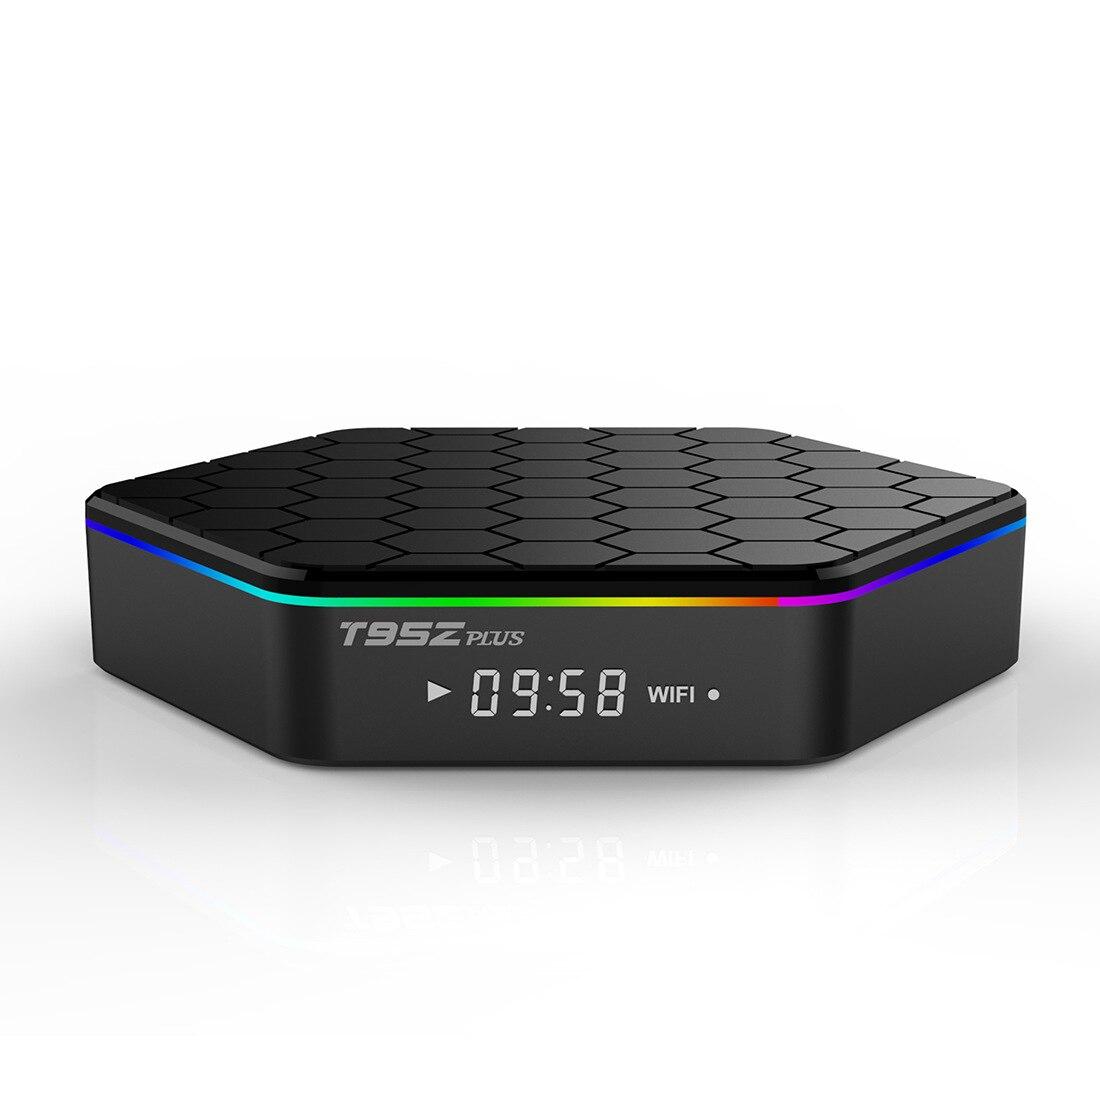 Original T95Z Plus Smart TV BOX 2GB/16GB 3GB/32GB Amlogic S912 Octa Core Android 7.1 2.4G/5GHz WiFi BT4.0 4K Set Top Box 10pcs vontar x92 3gb 32gb android 7 1 smart tv box amlogic s912 octa core cpu 2 4g 5g 4k h 265 set top box smart tv box